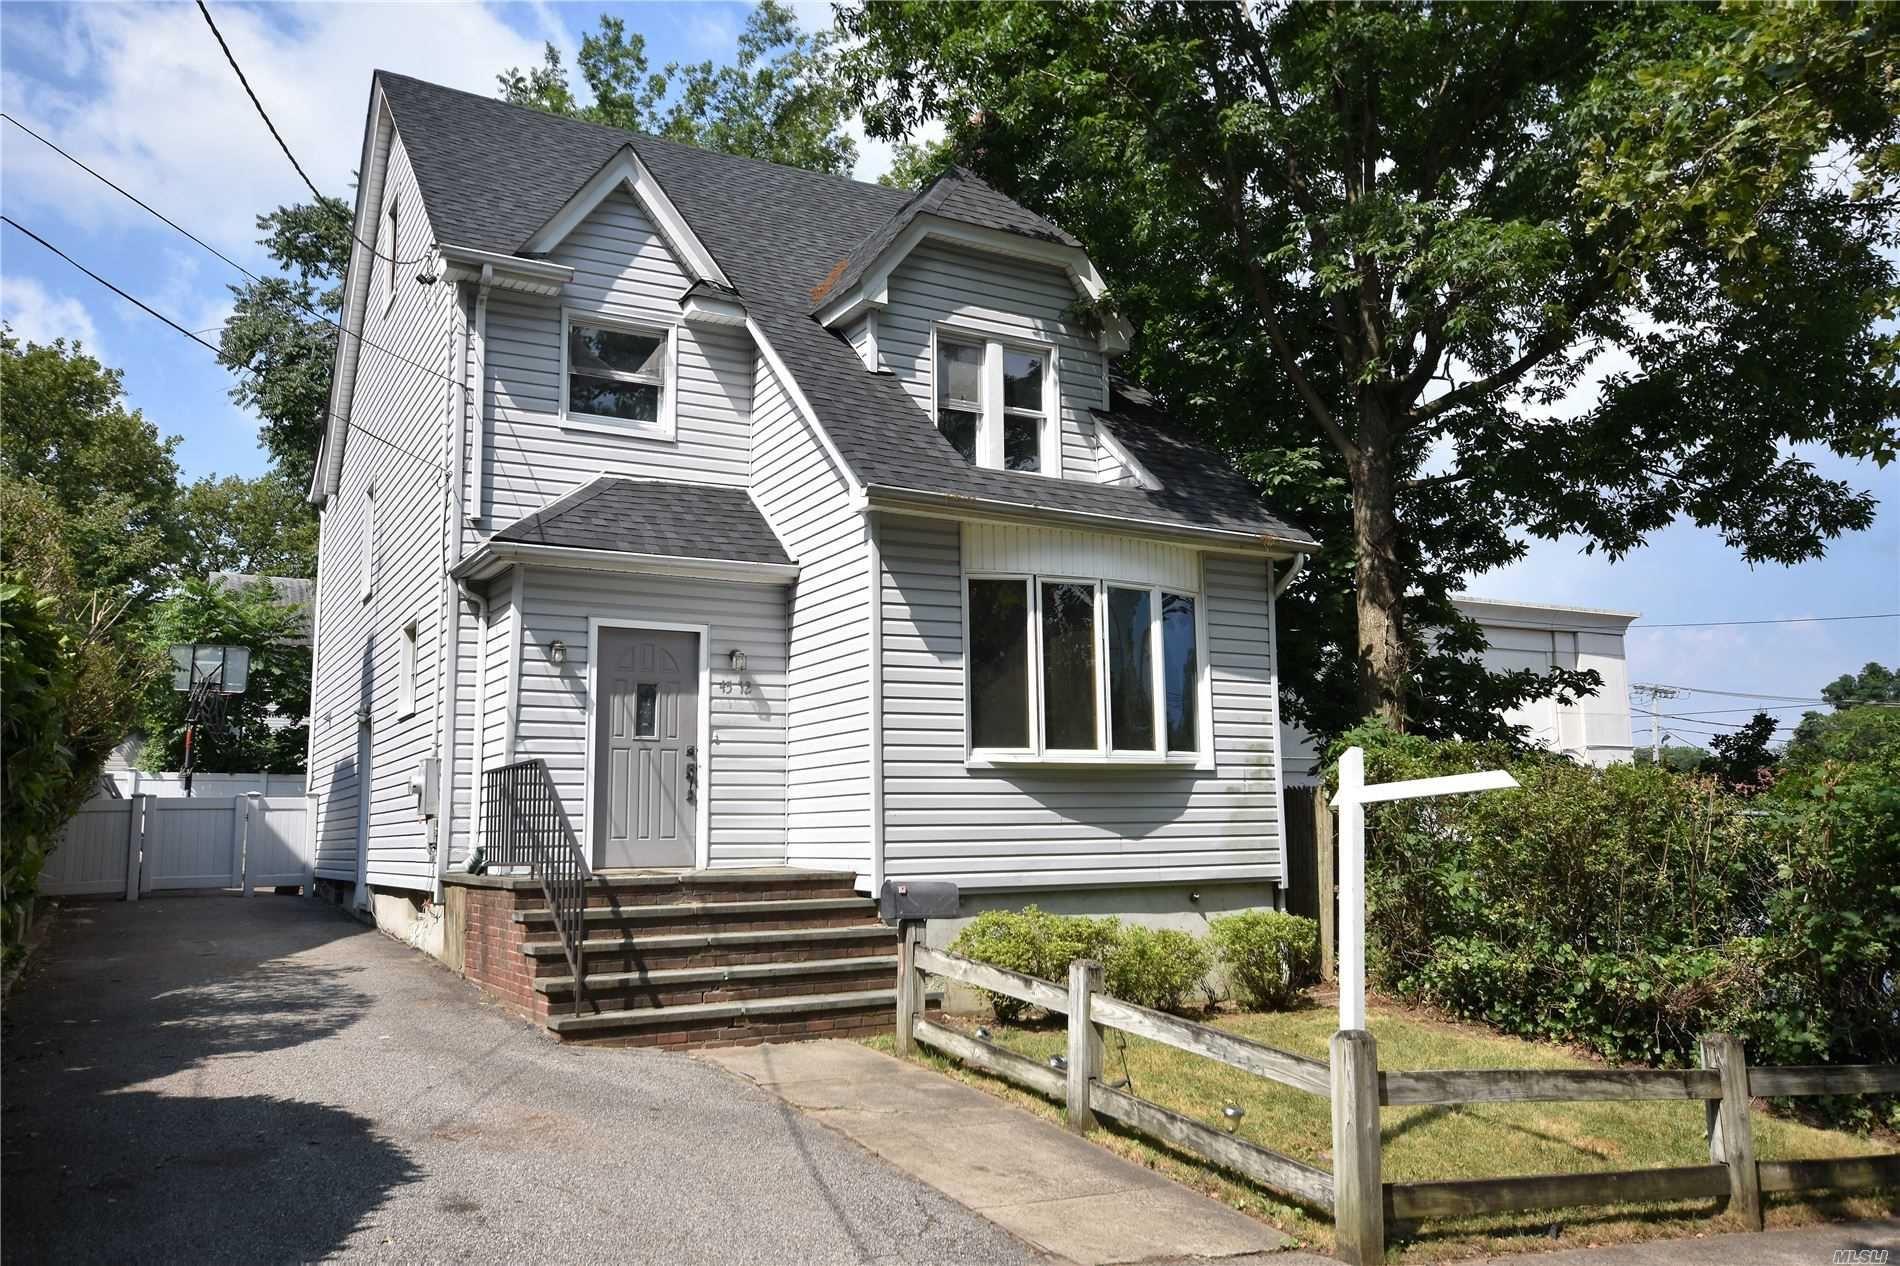 45-12 Jayson Avenue, Great Neck, NY 11020 - MLS#: 3235701